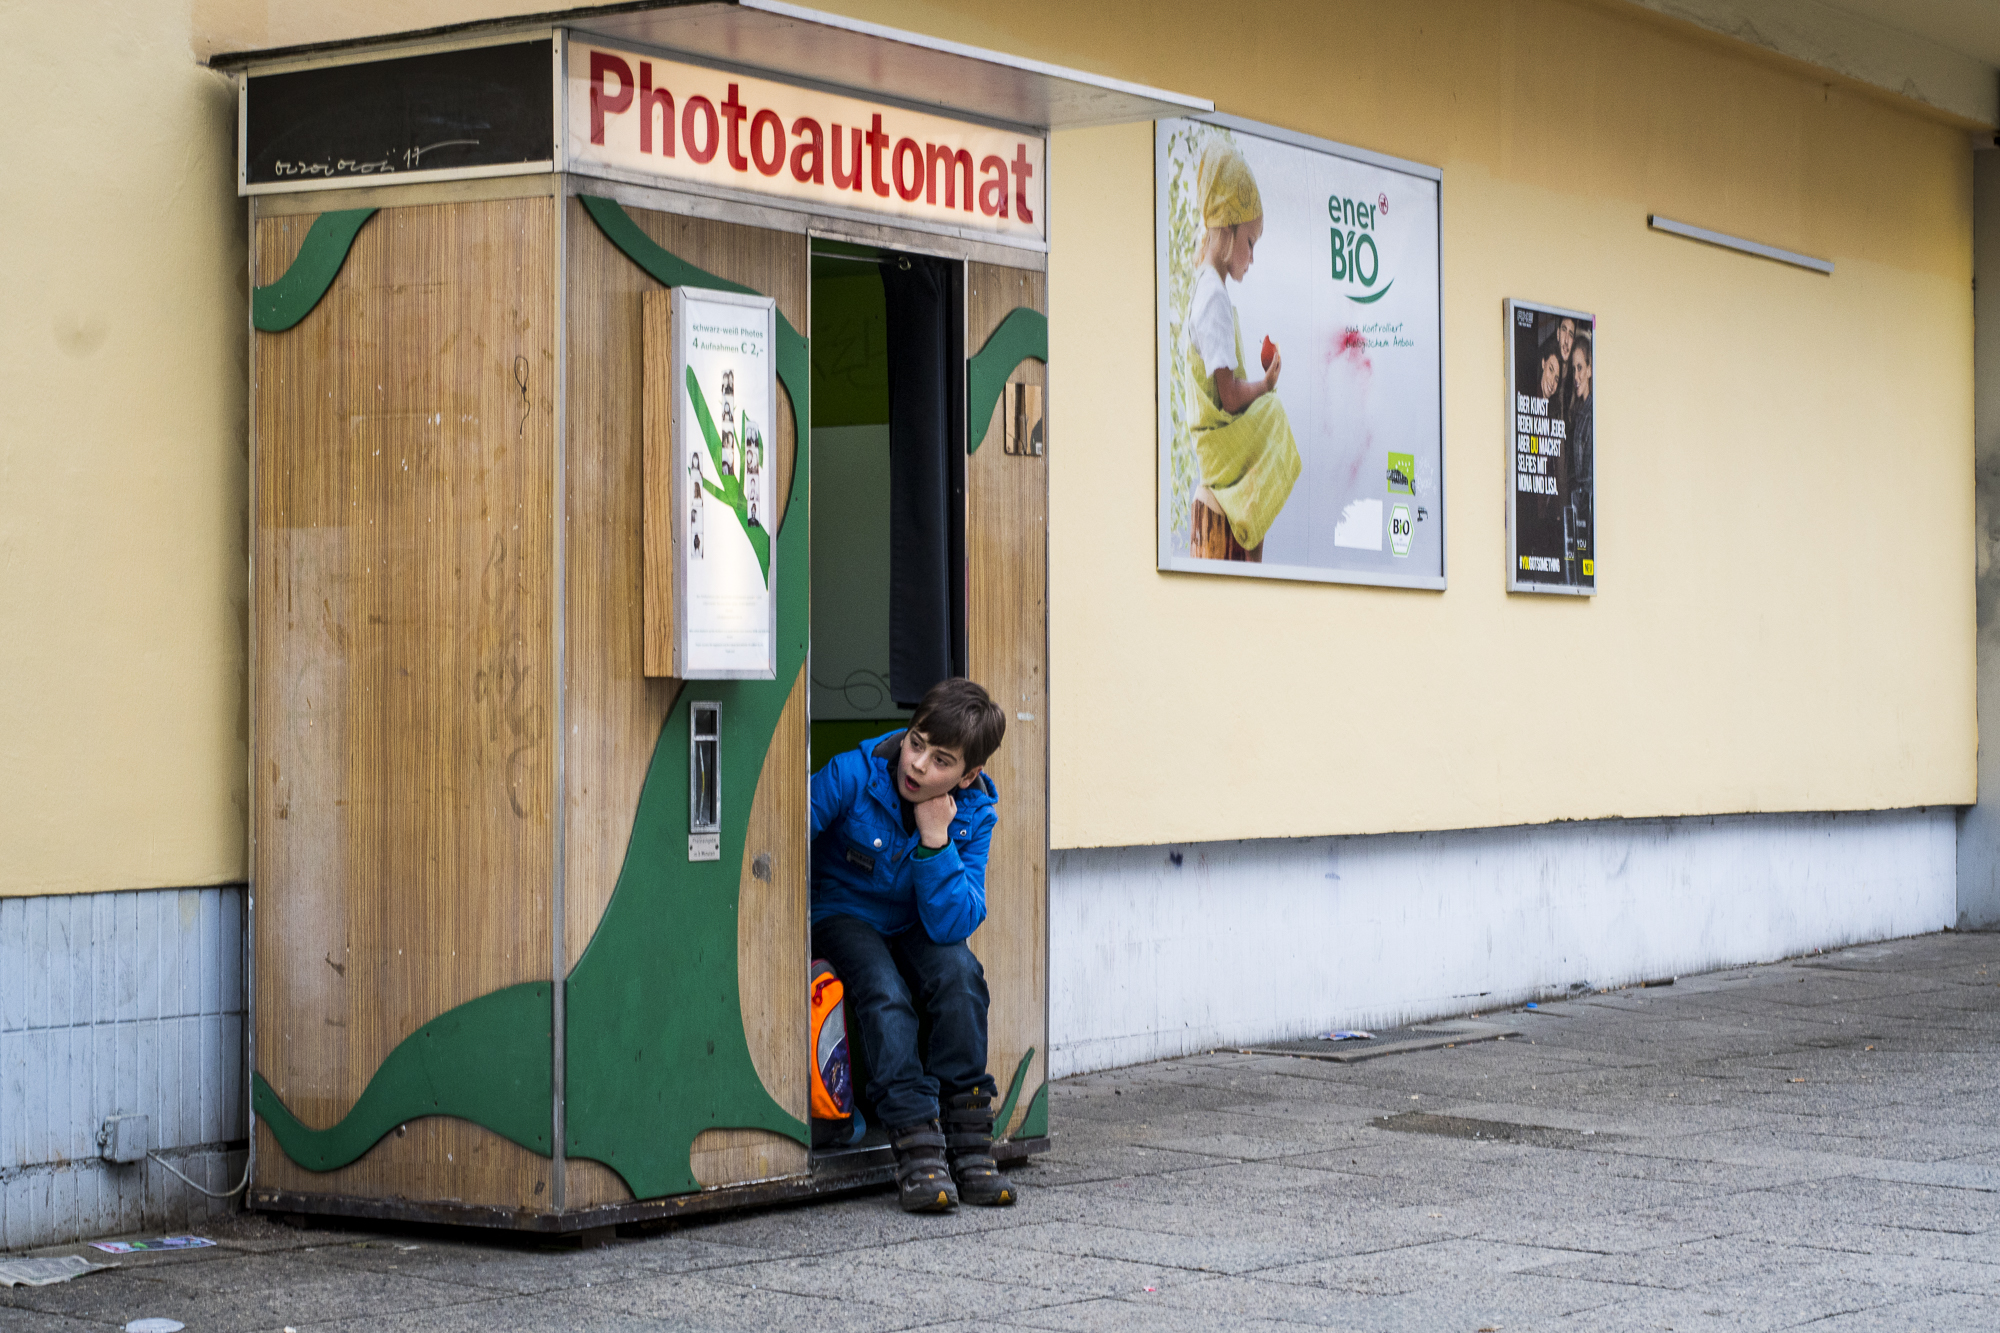 Zossener Str. 29  PHOTOGRAPHY: ALEXANDER J.E. BRADLEY • NIKON D500 • AF-S NIKKOR 50MM F/1.8G @ F/8 • 1/60 • ISO 400